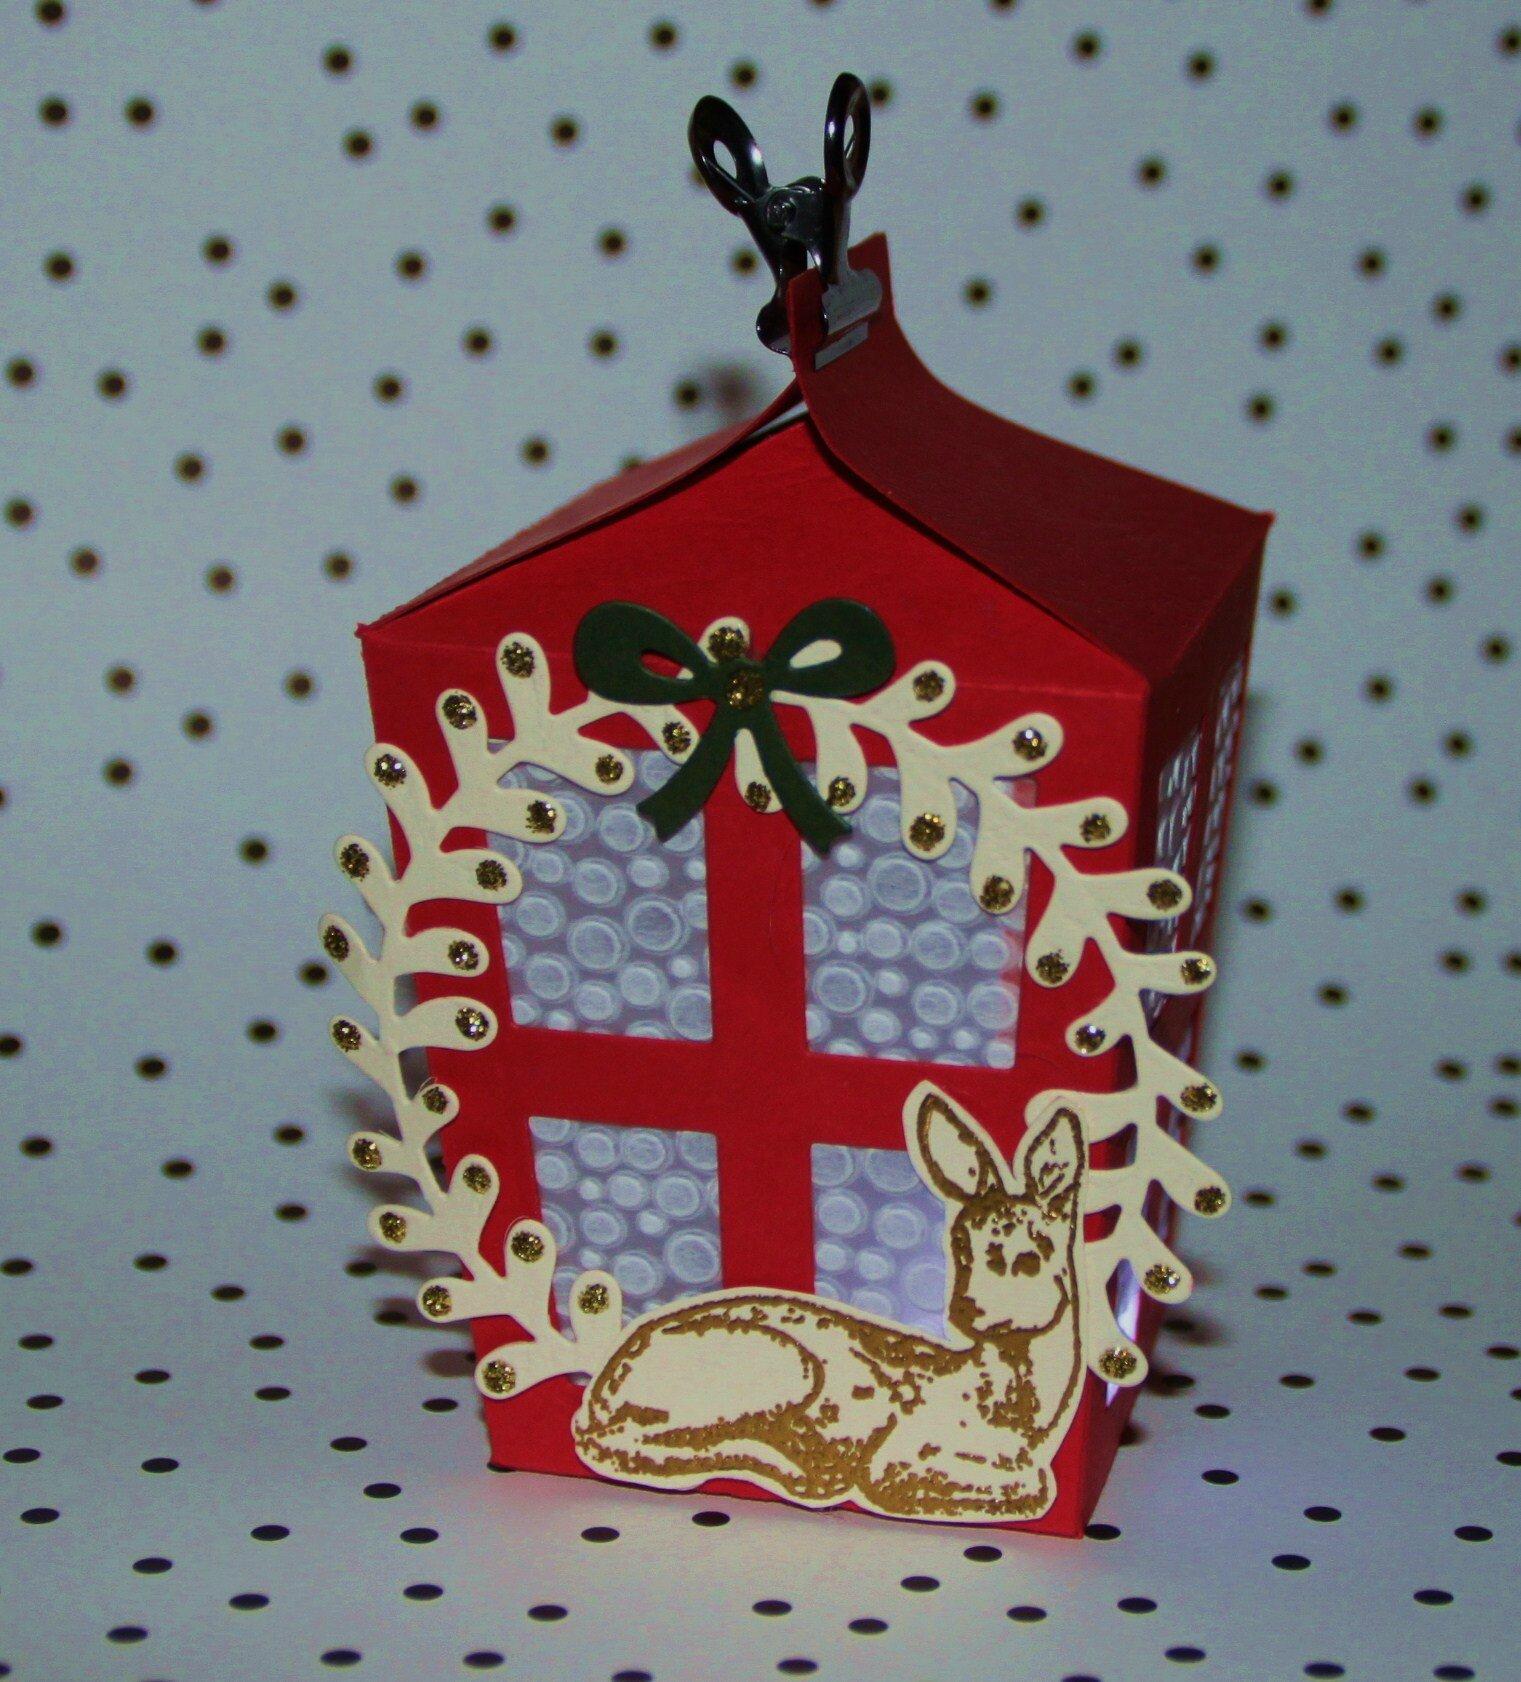 La lanterne de Noël